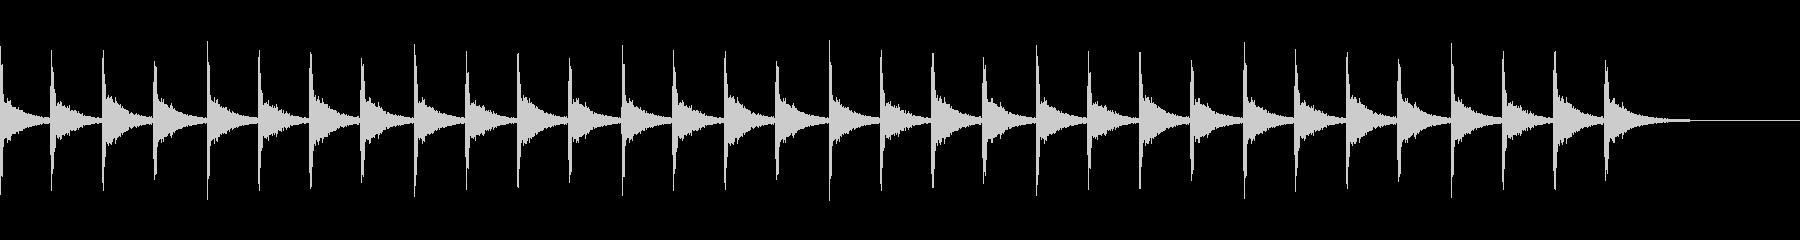 時計の秒針音(反響音あり)チクタク 2の未再生の波形